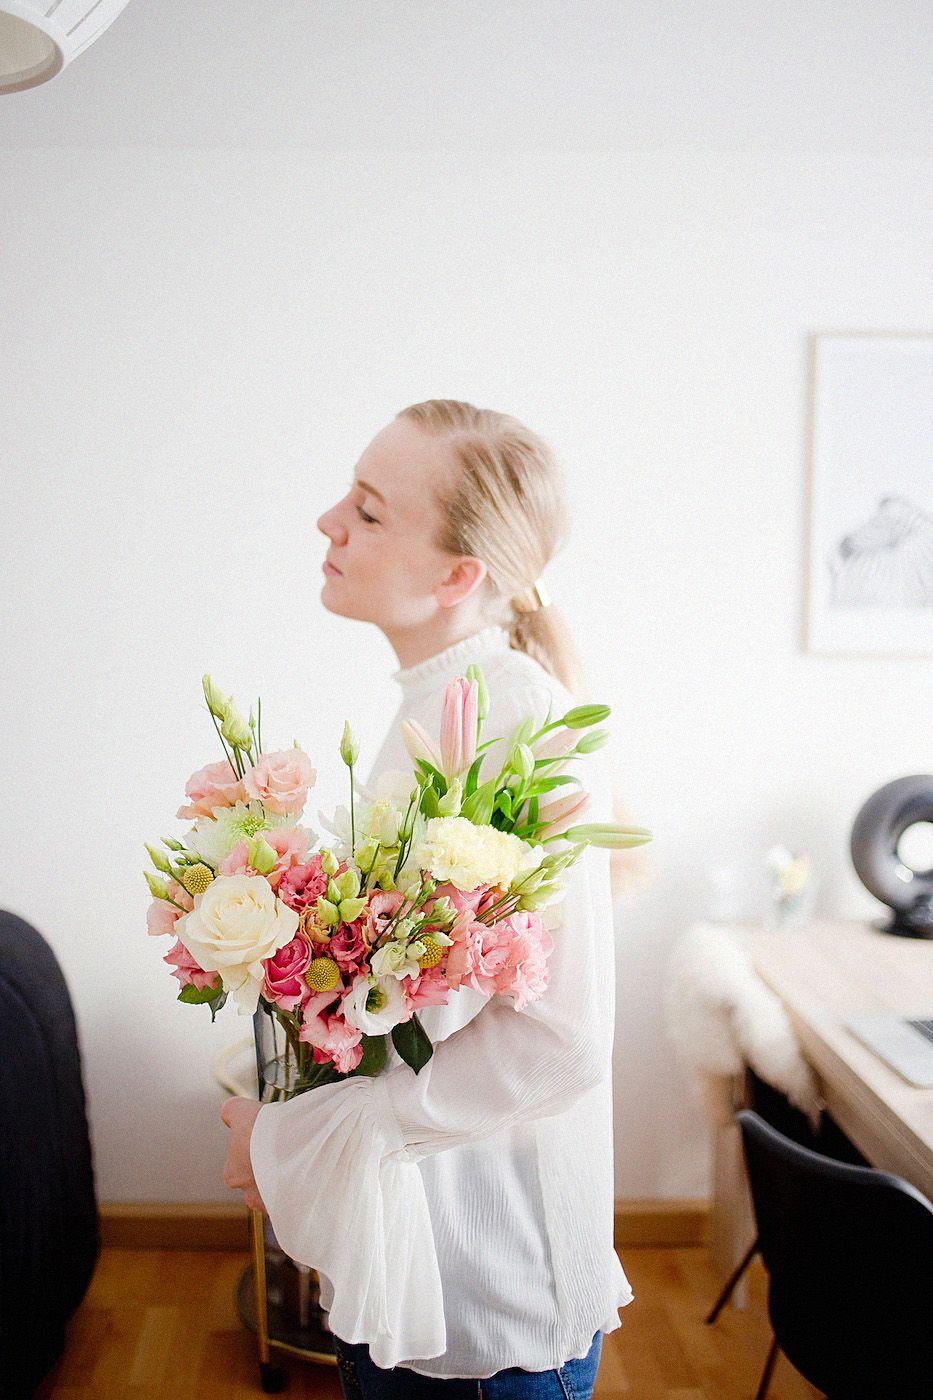 The Golden Bun Bloomy Days Blumen Bestellen Blumen Online